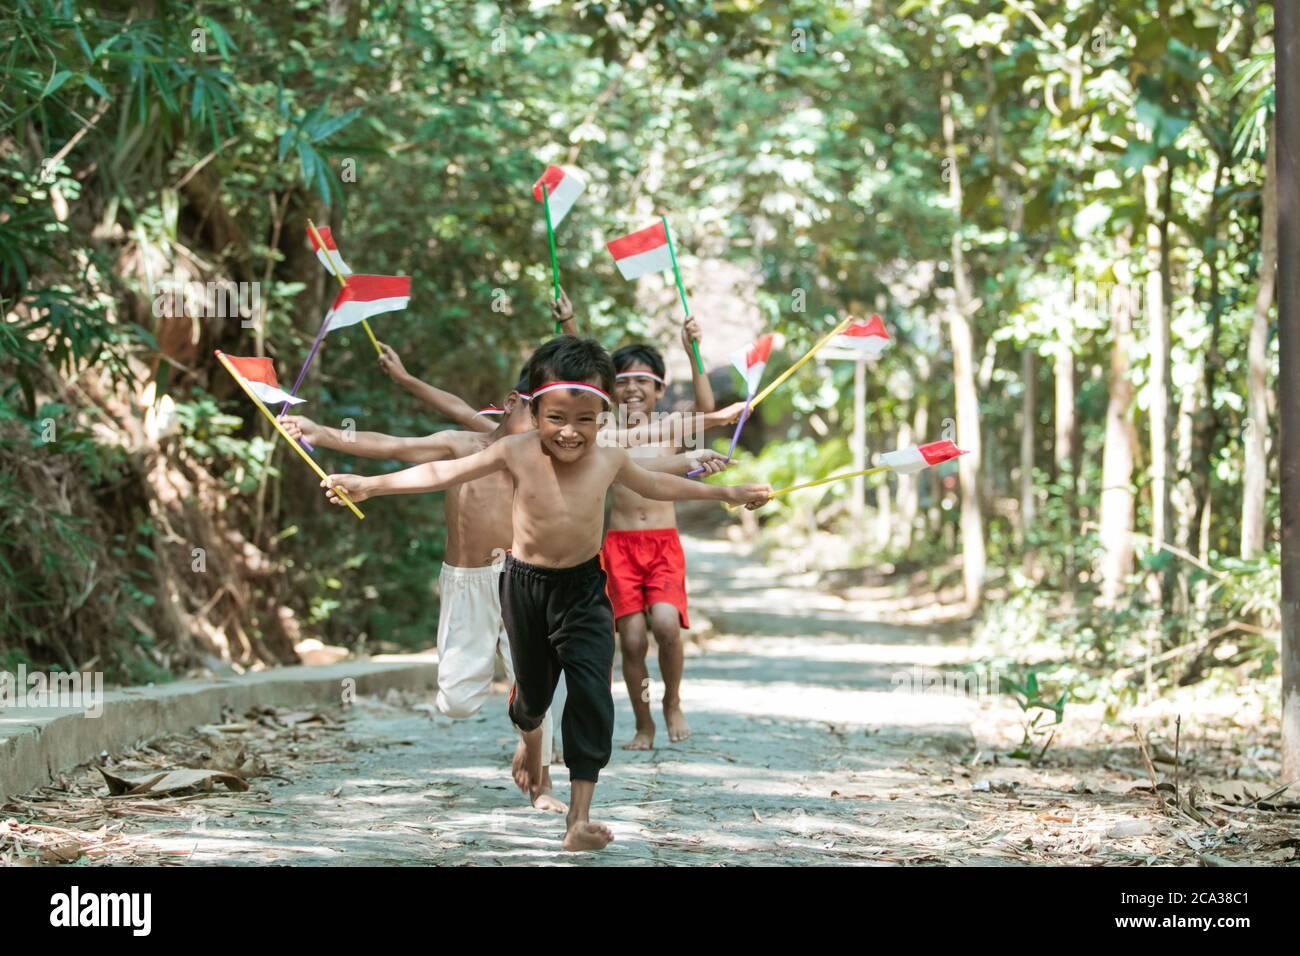 avoir un groupe amusant d'enfants courir sans vêtements pourchassant chacun autre lorsque vous tenez le petit drapeau rouge et blanc et a soulevé le drapeau sur un fond d'arbre Banque D'Images